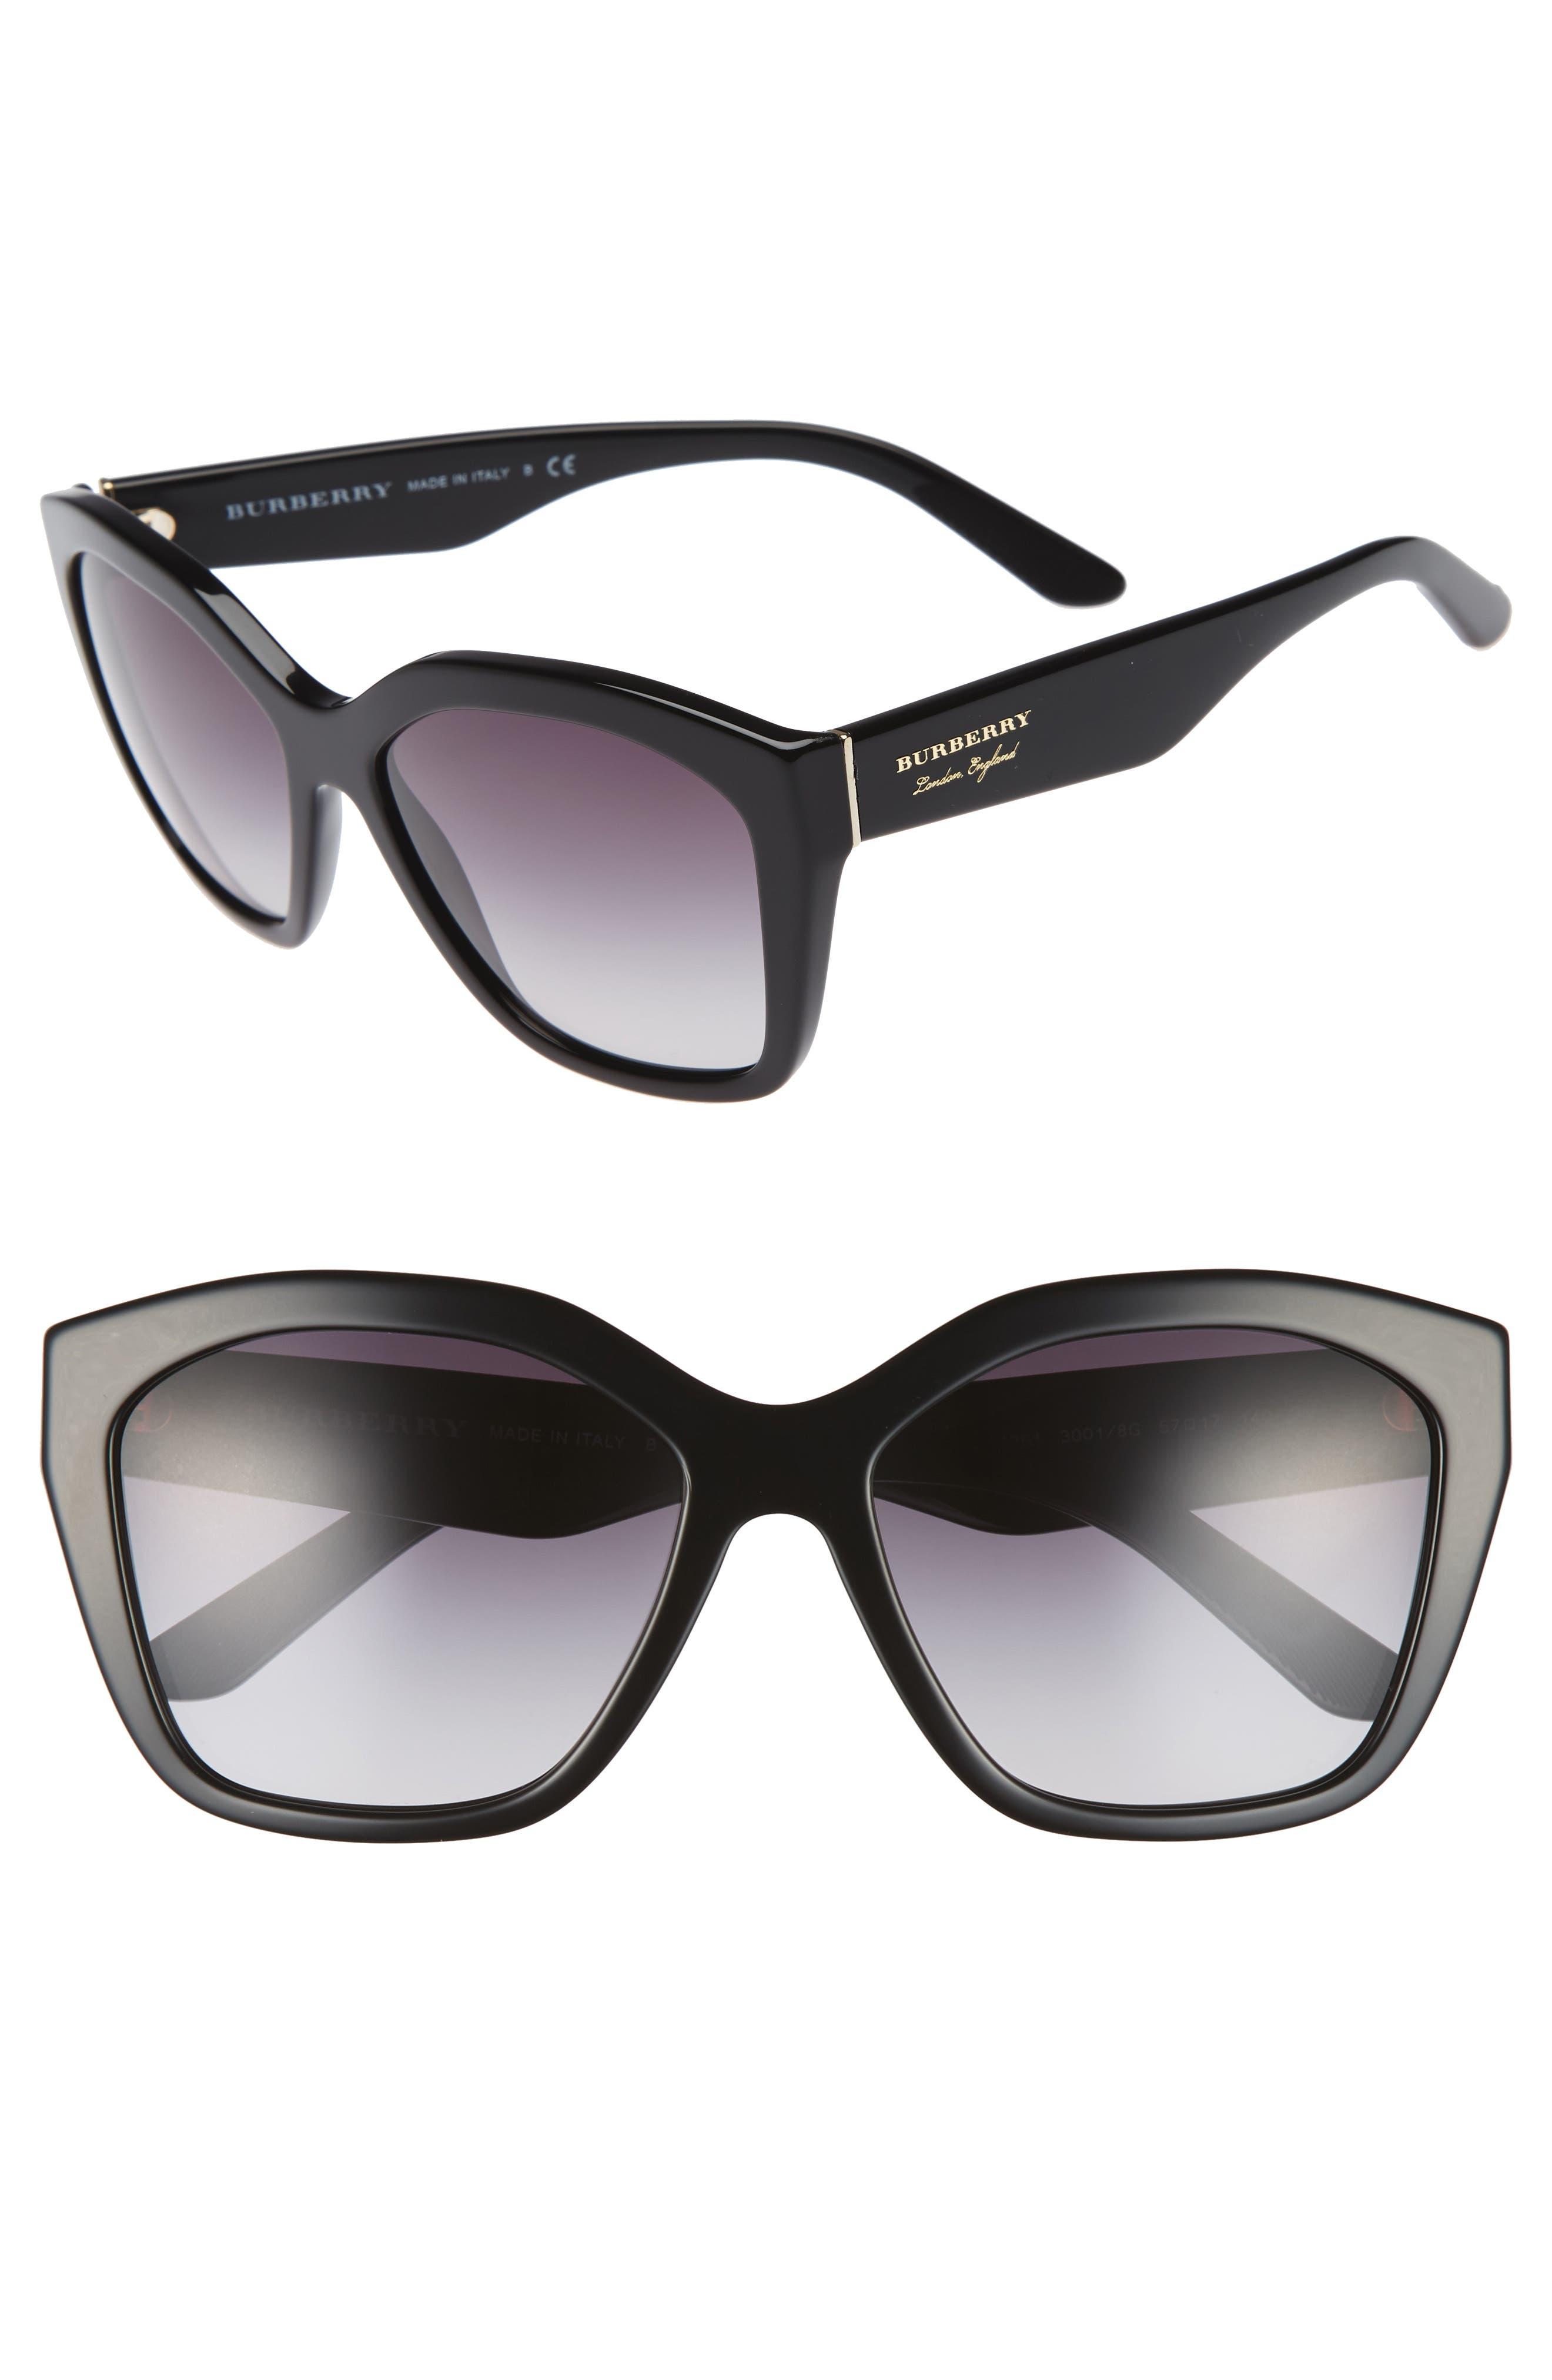 57mm Gradient Sunglasses,                             Main thumbnail 1, color,                             BLACK